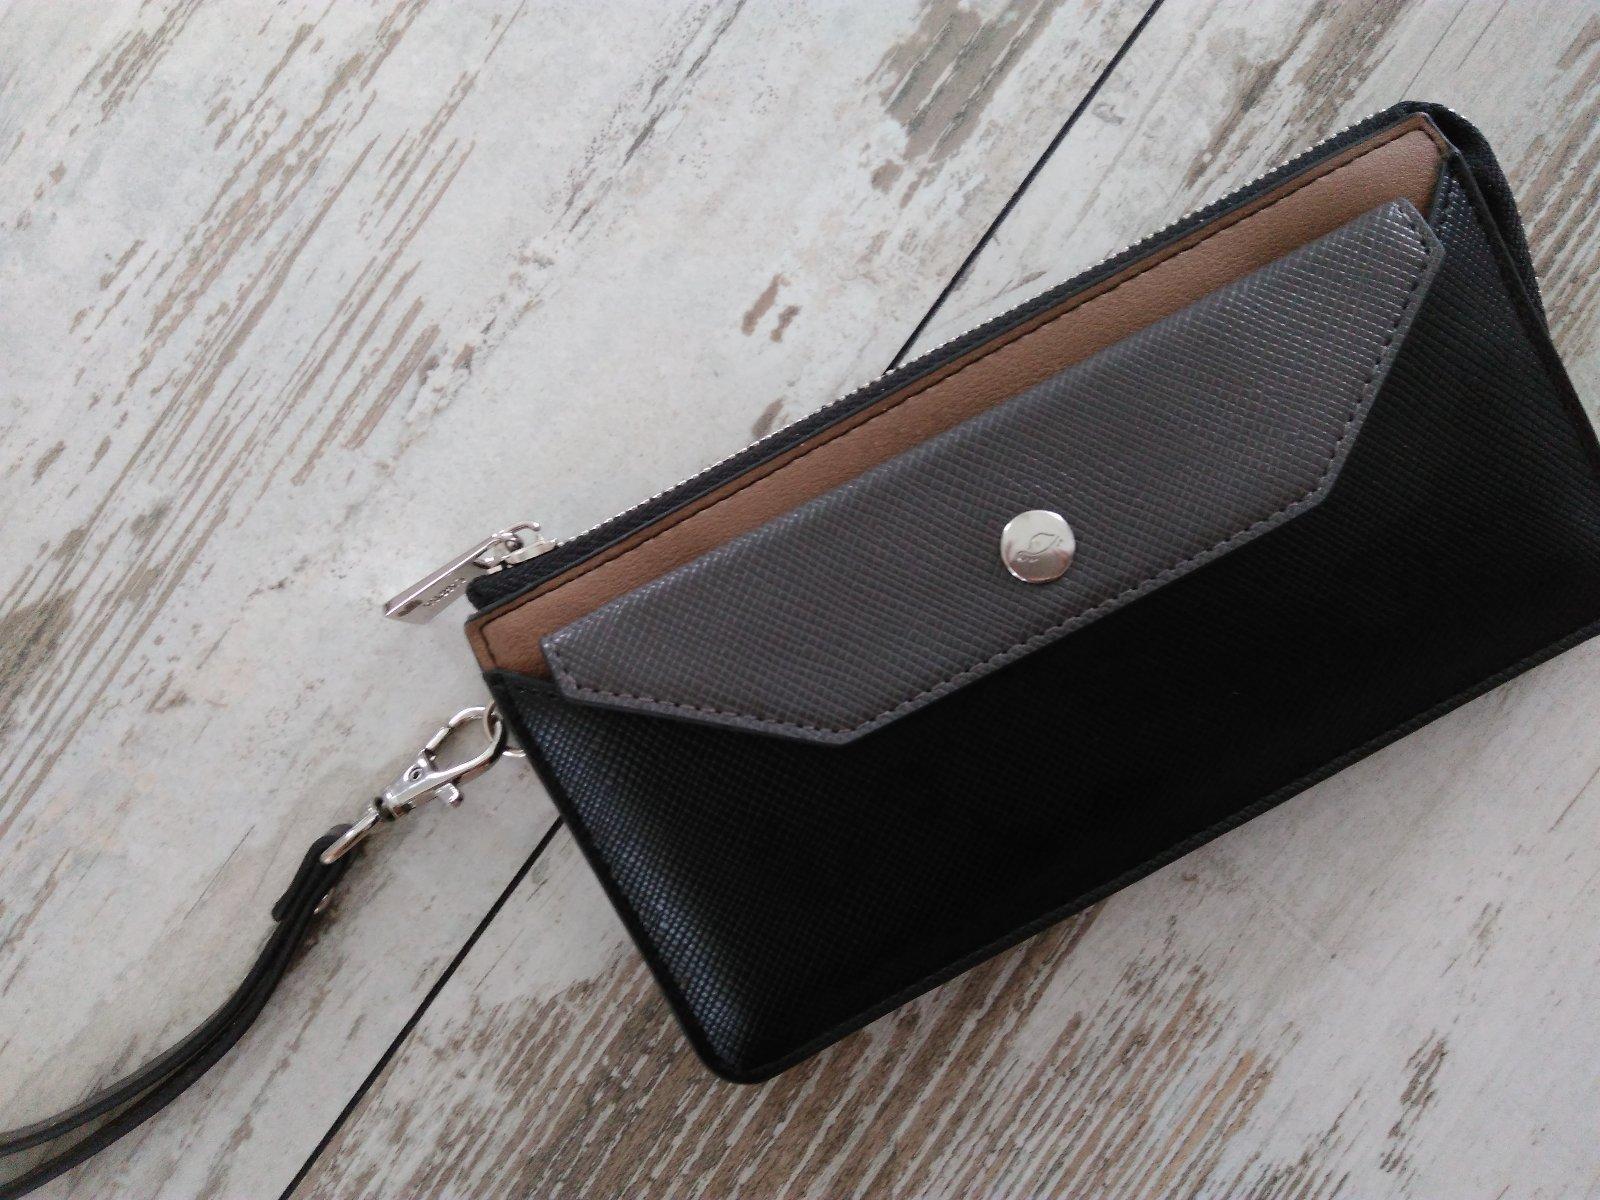 2ab819a5ae757 Peňaženka/mala kabelka carpisa, - 10 € od predávajúcej santafe | Detský  bazár | ModryKonik.sk